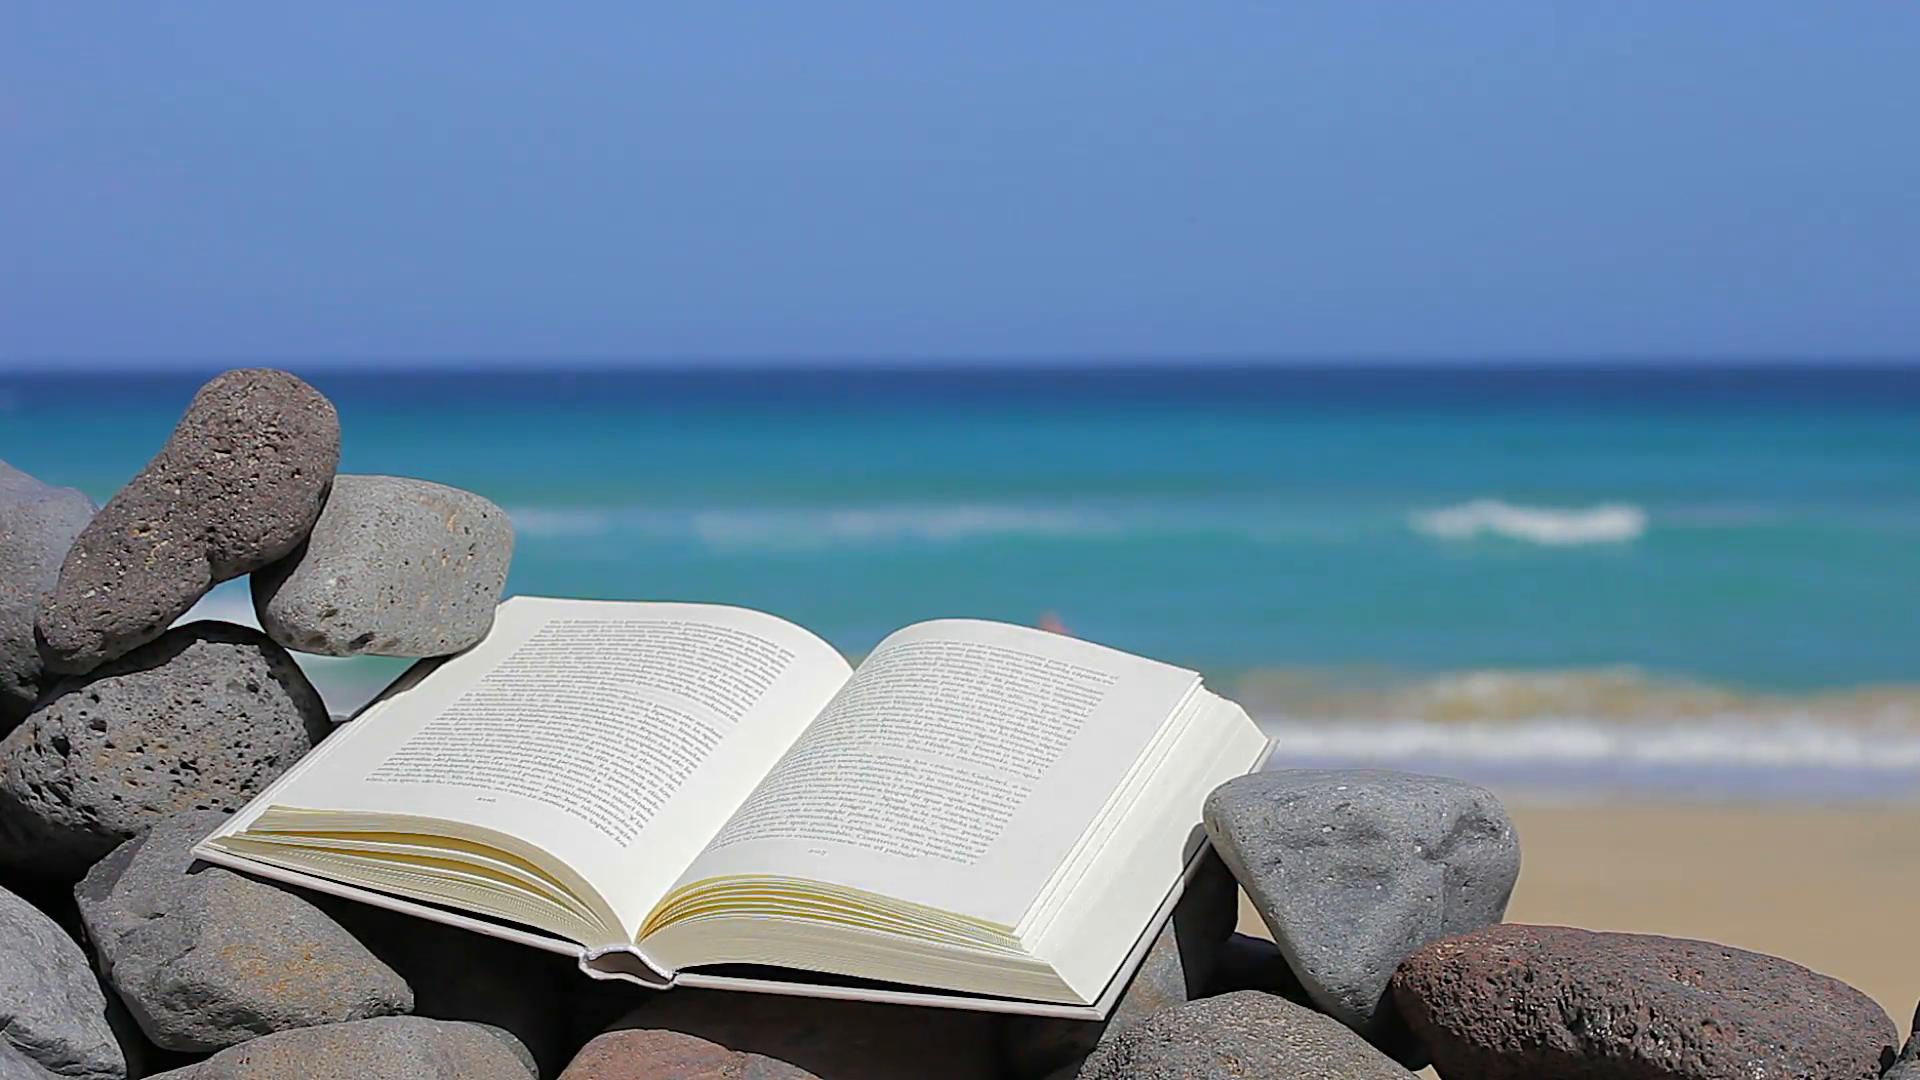 کتابی برای جزیره تنهایی